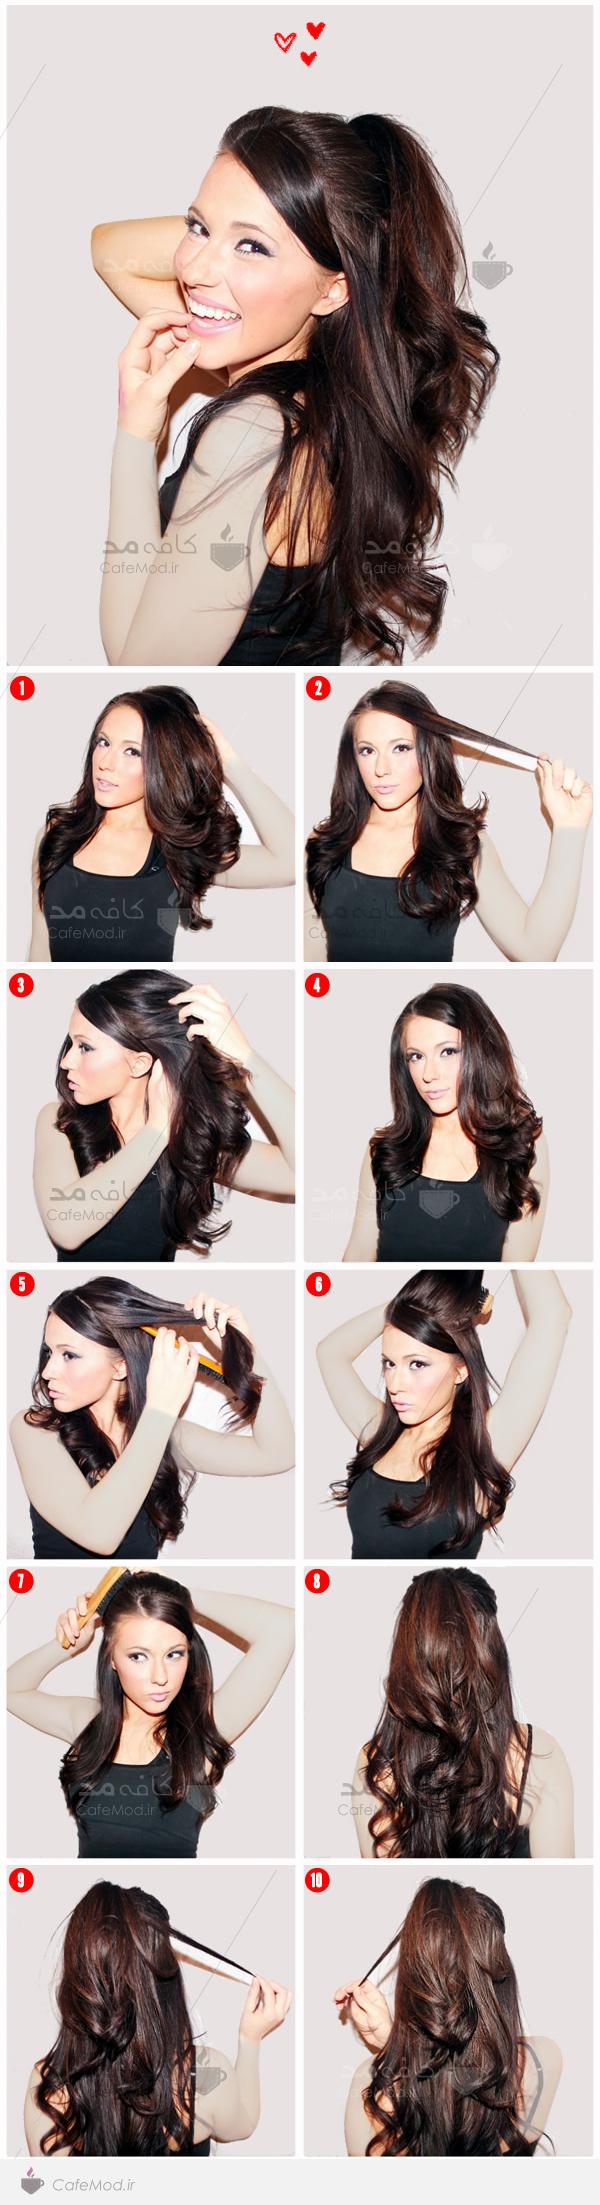 آموزش آرایش مو با تل یکطرفه